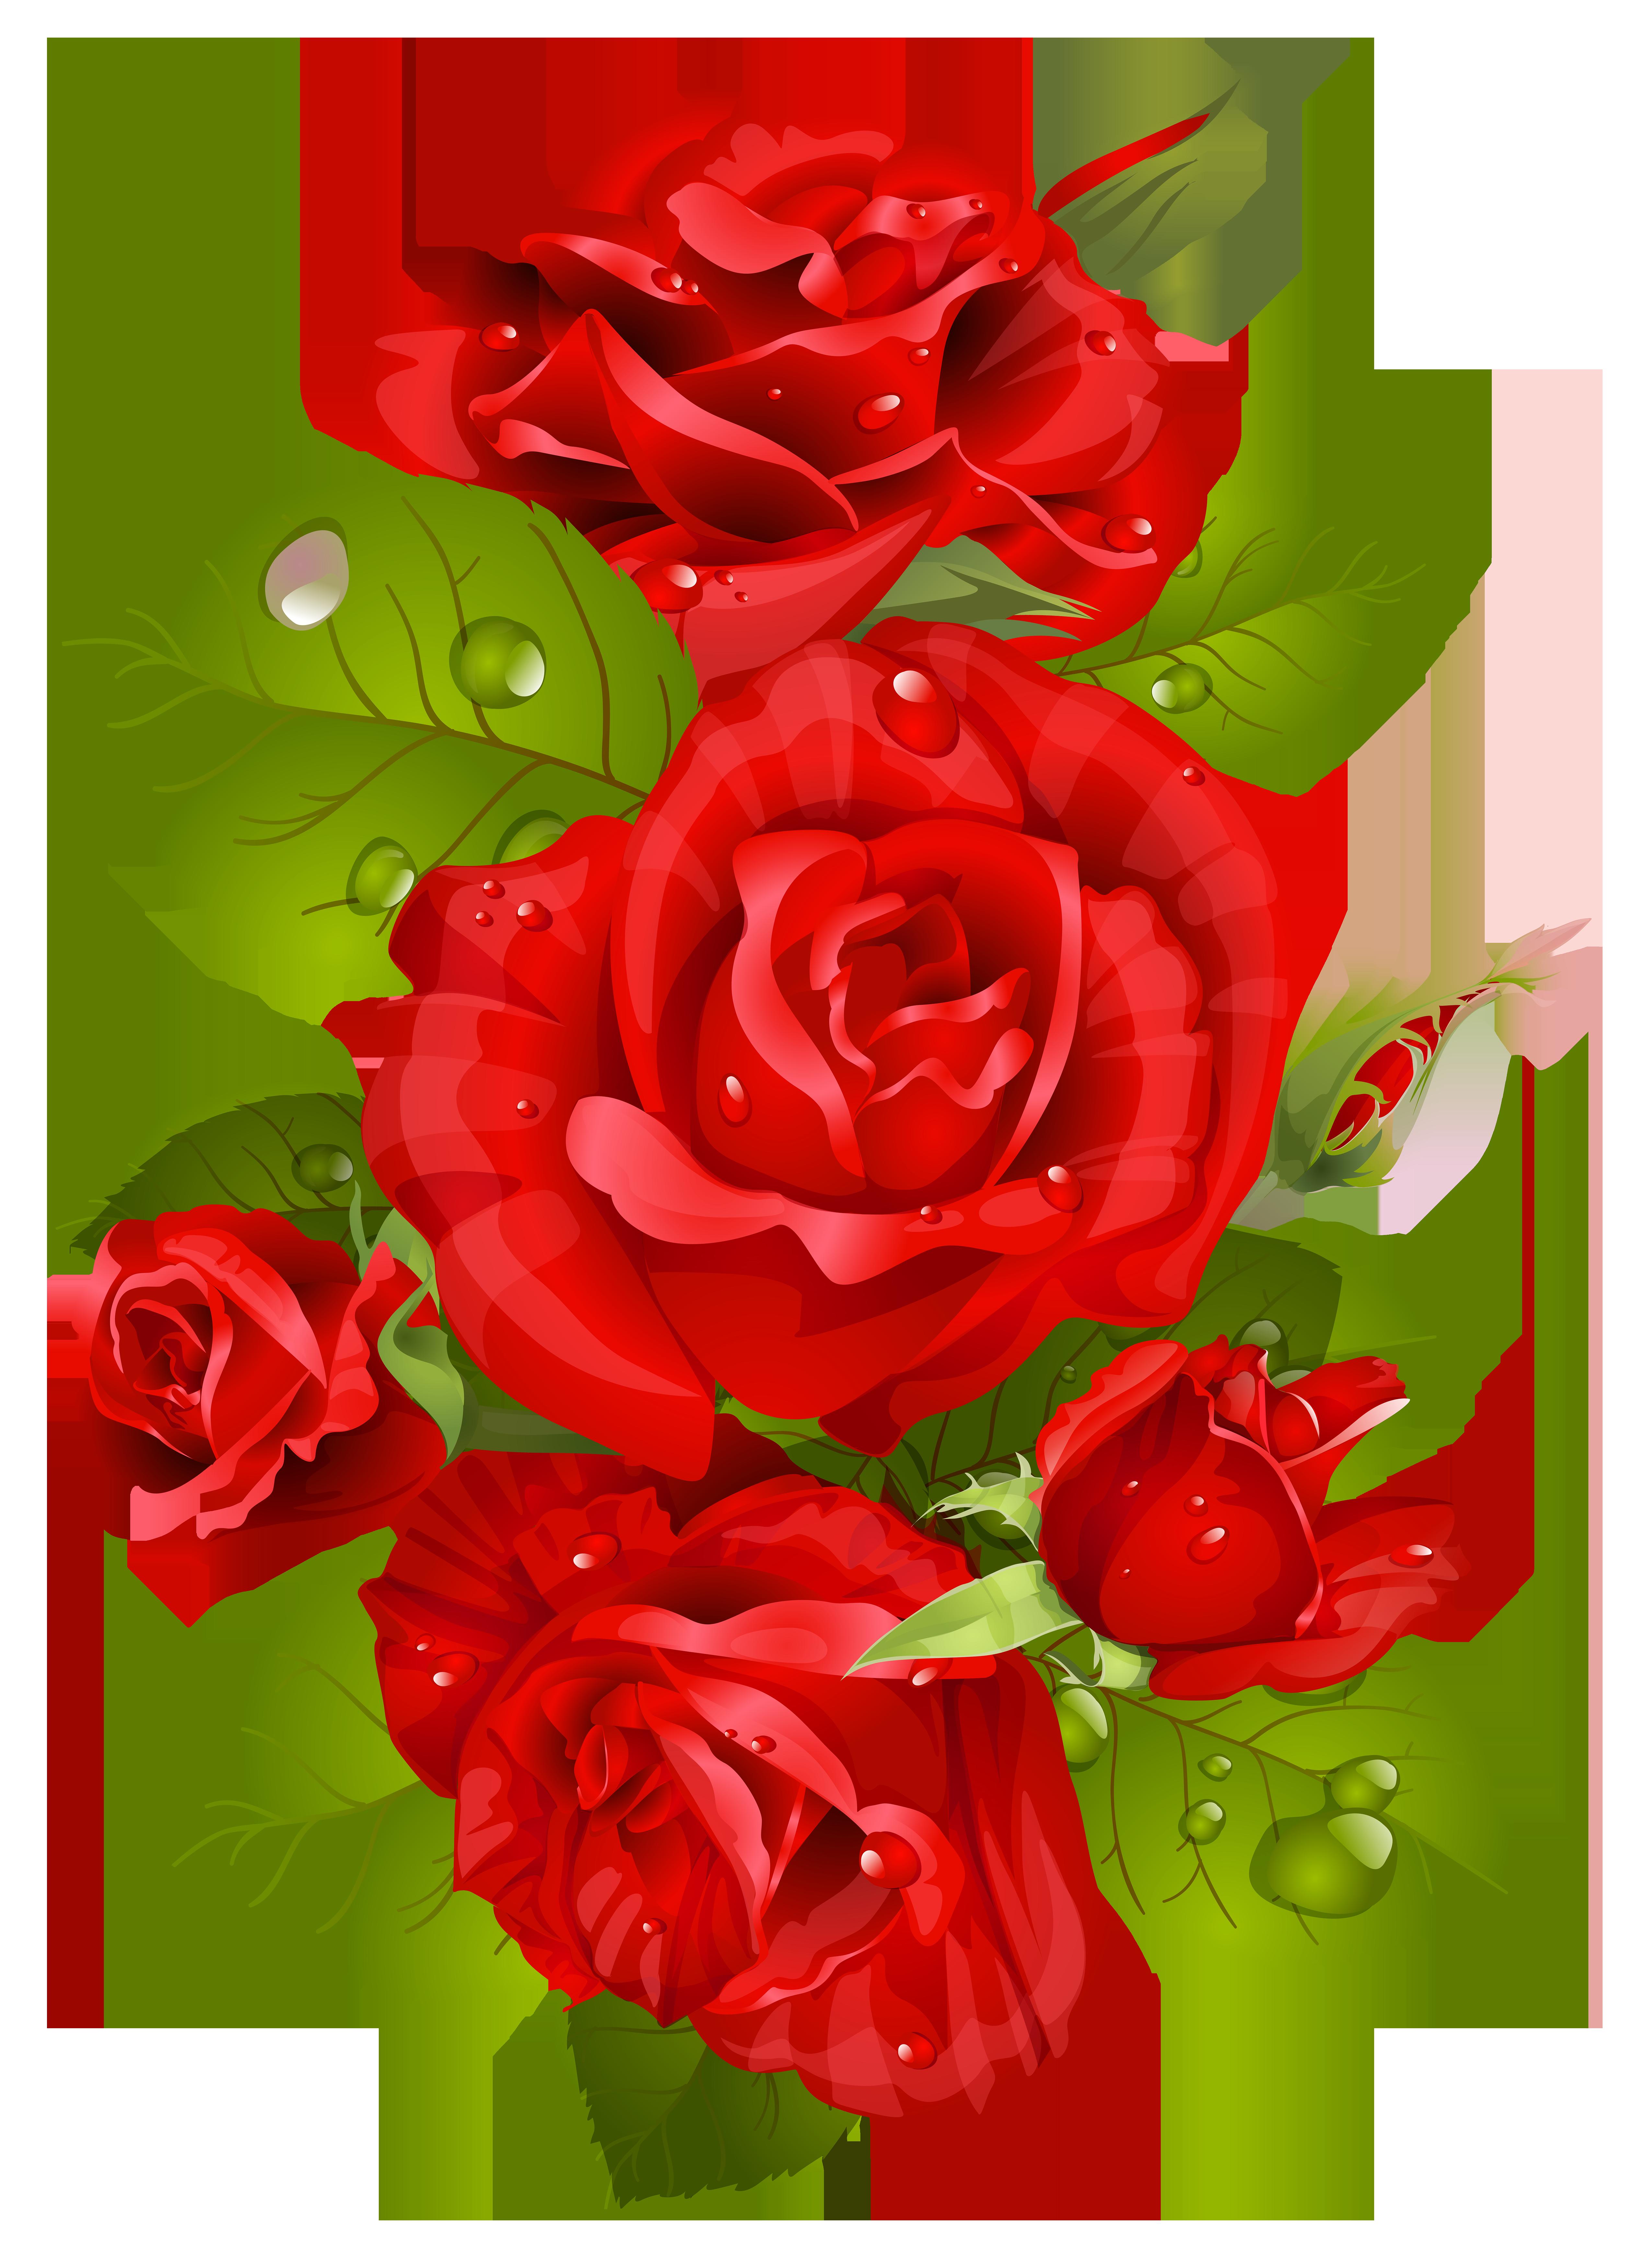 Картинках днем, розы в открытках в фотошопе